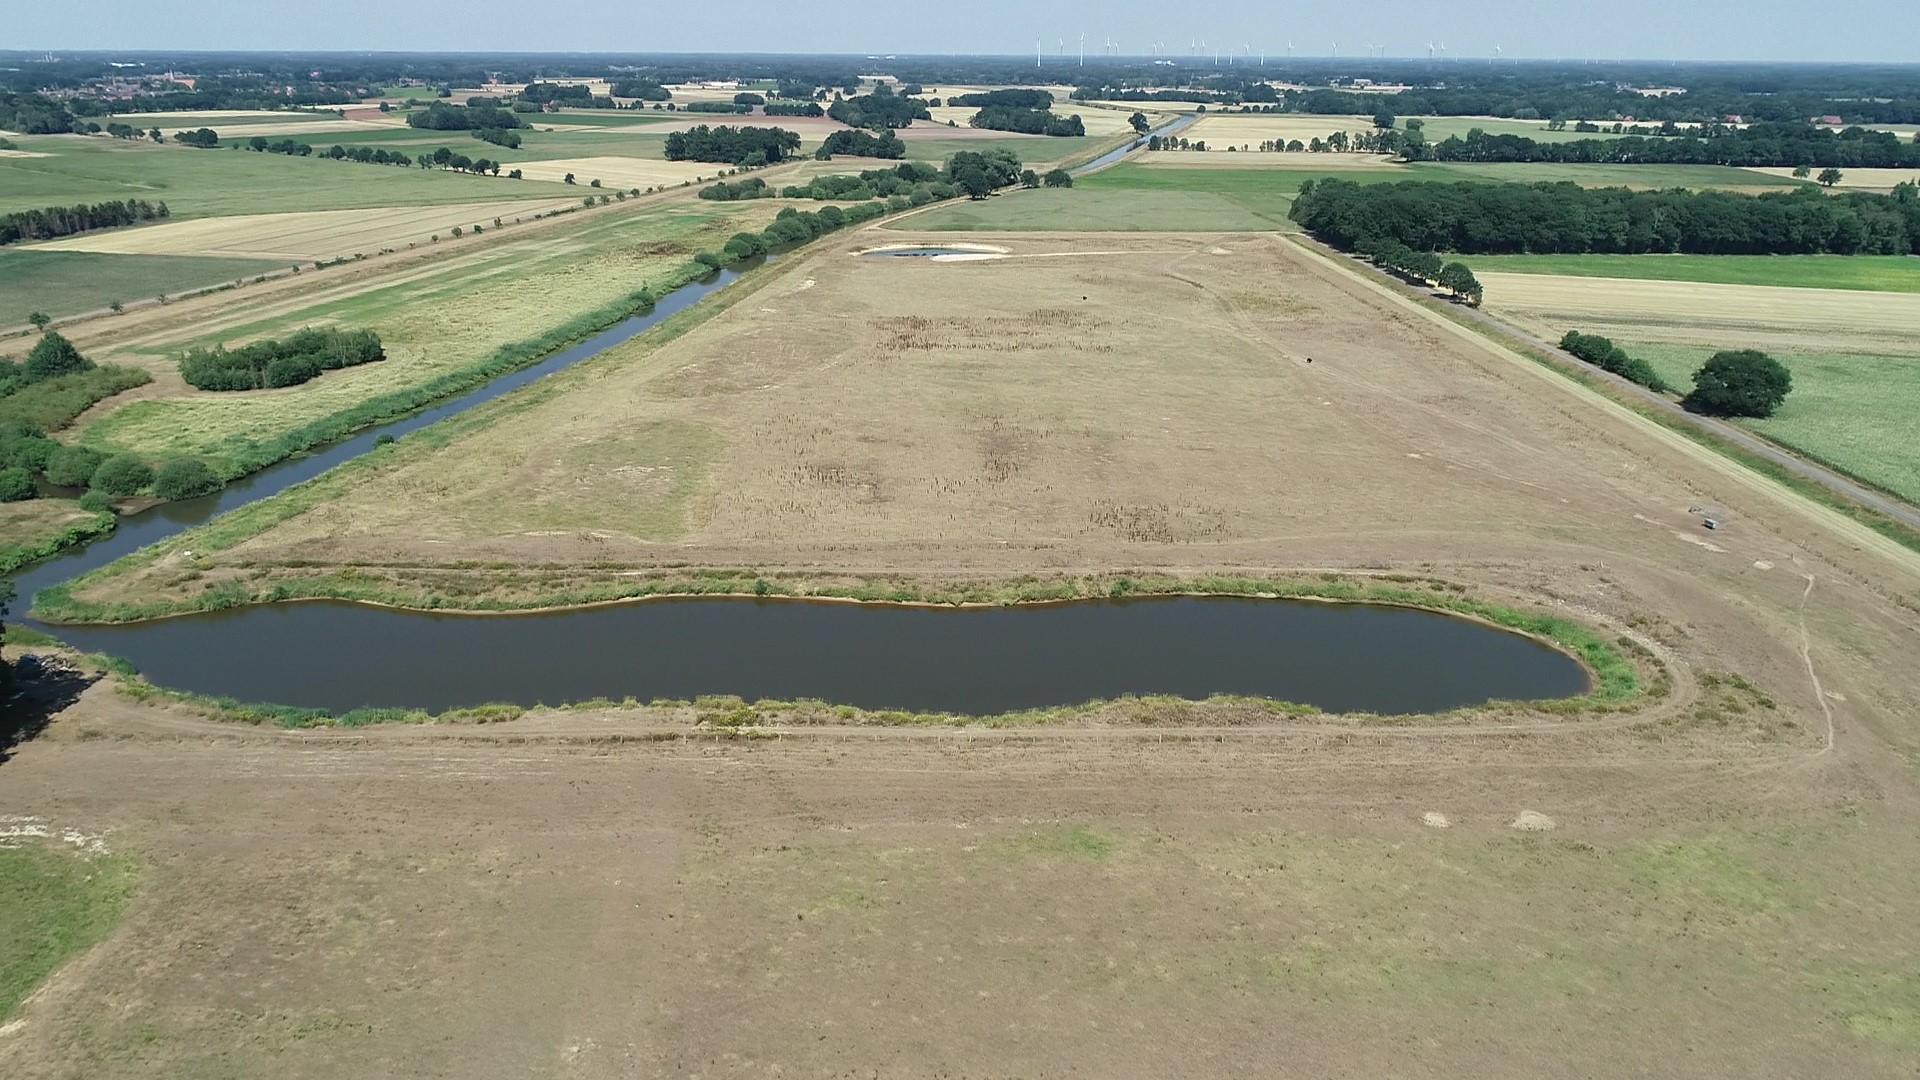 Luftbild der Hase und umgebenden Überflutungsräumen. Ein Stillgewässer reicht weit in eine Grünlandfläche hinein.